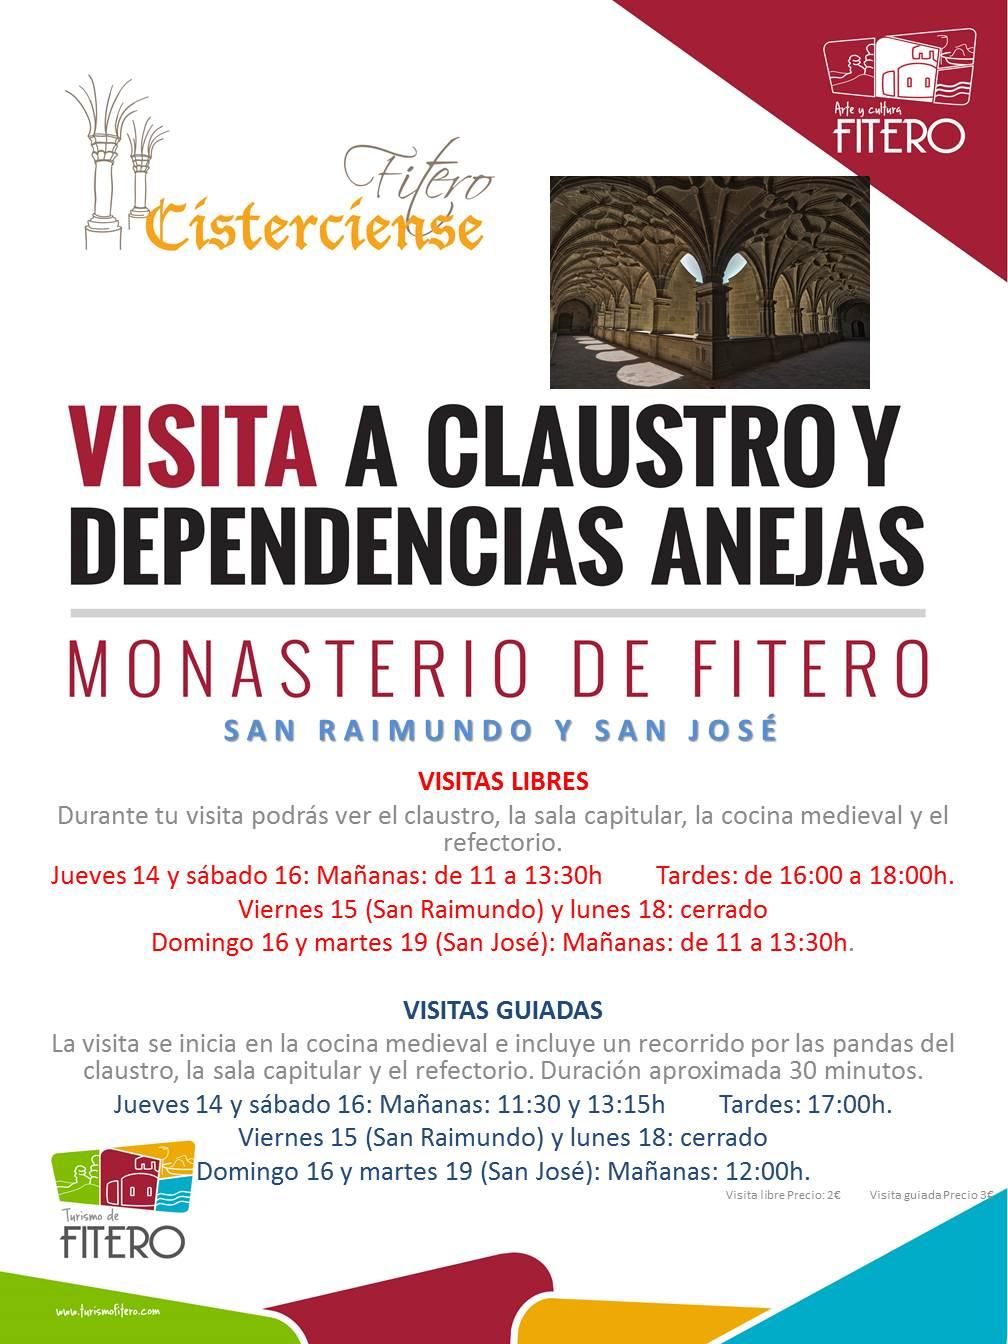 Horario especial de visitas libres y guiadas desde el 14 hasta el 19 de marzo 2019 (festividades de San Raimundo y San José)